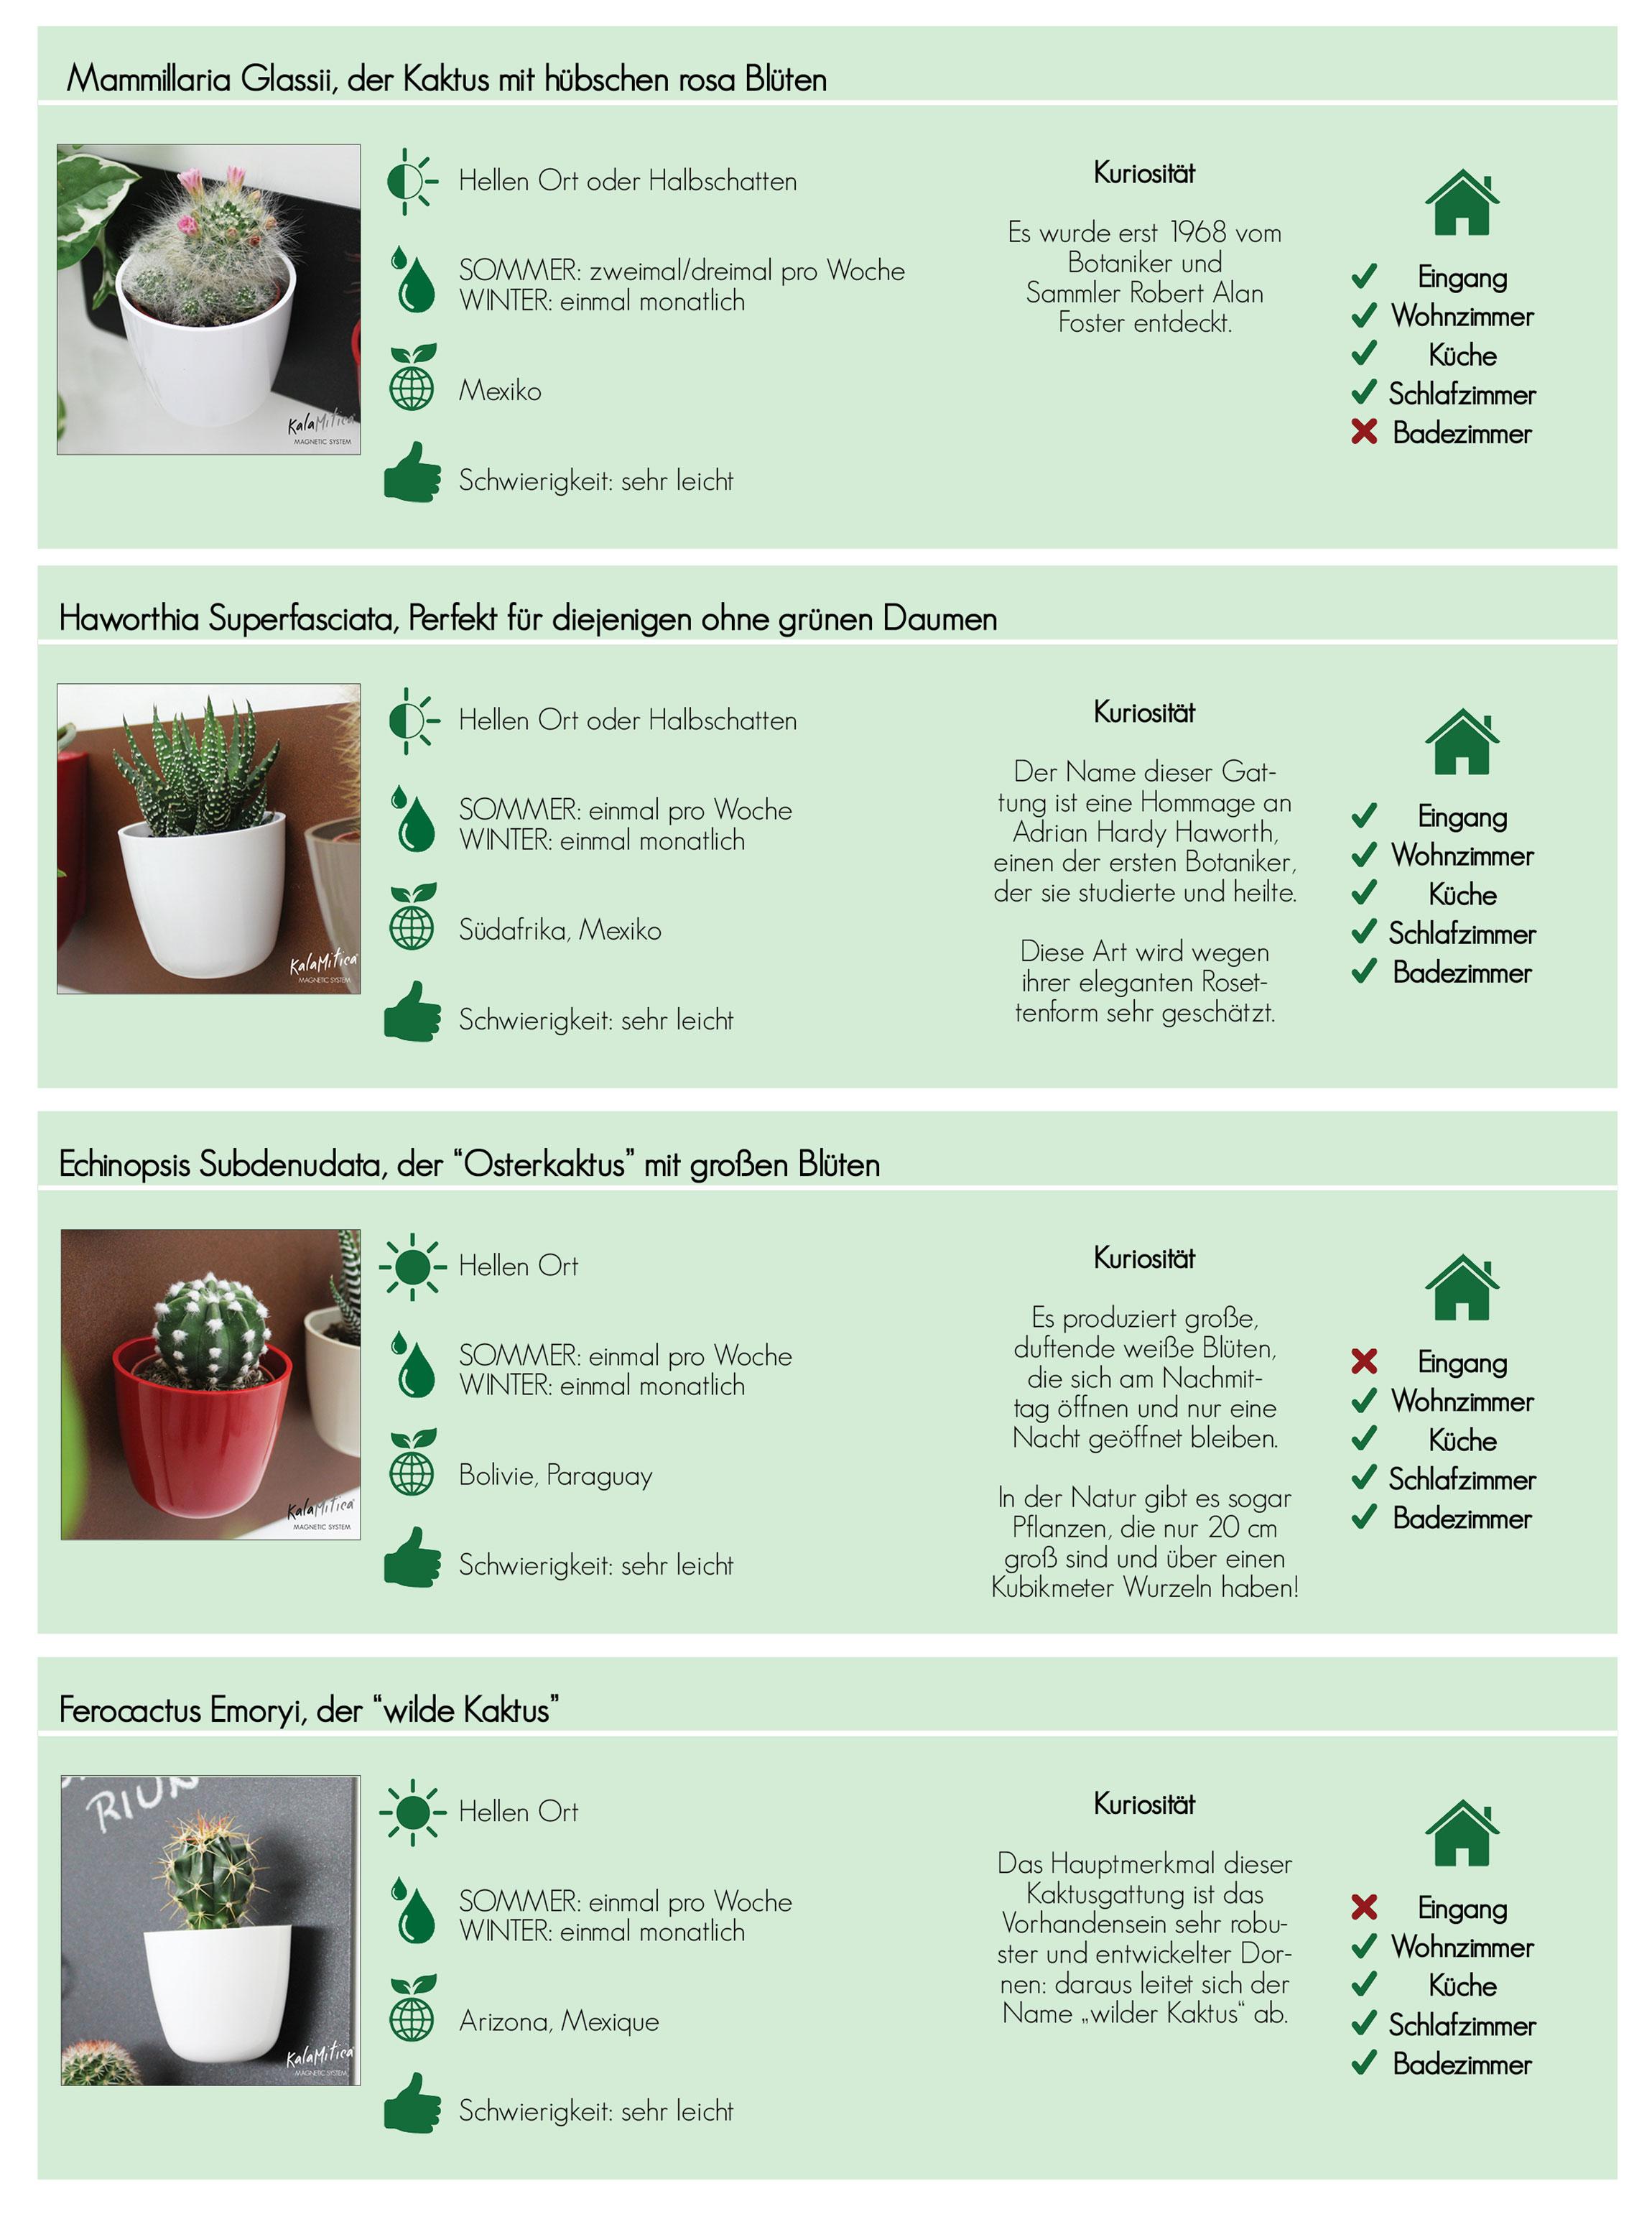 KalaMitica-Sukkulenten: Tipps-Tabelle für häusliche Pflege, vollständige Anleitung